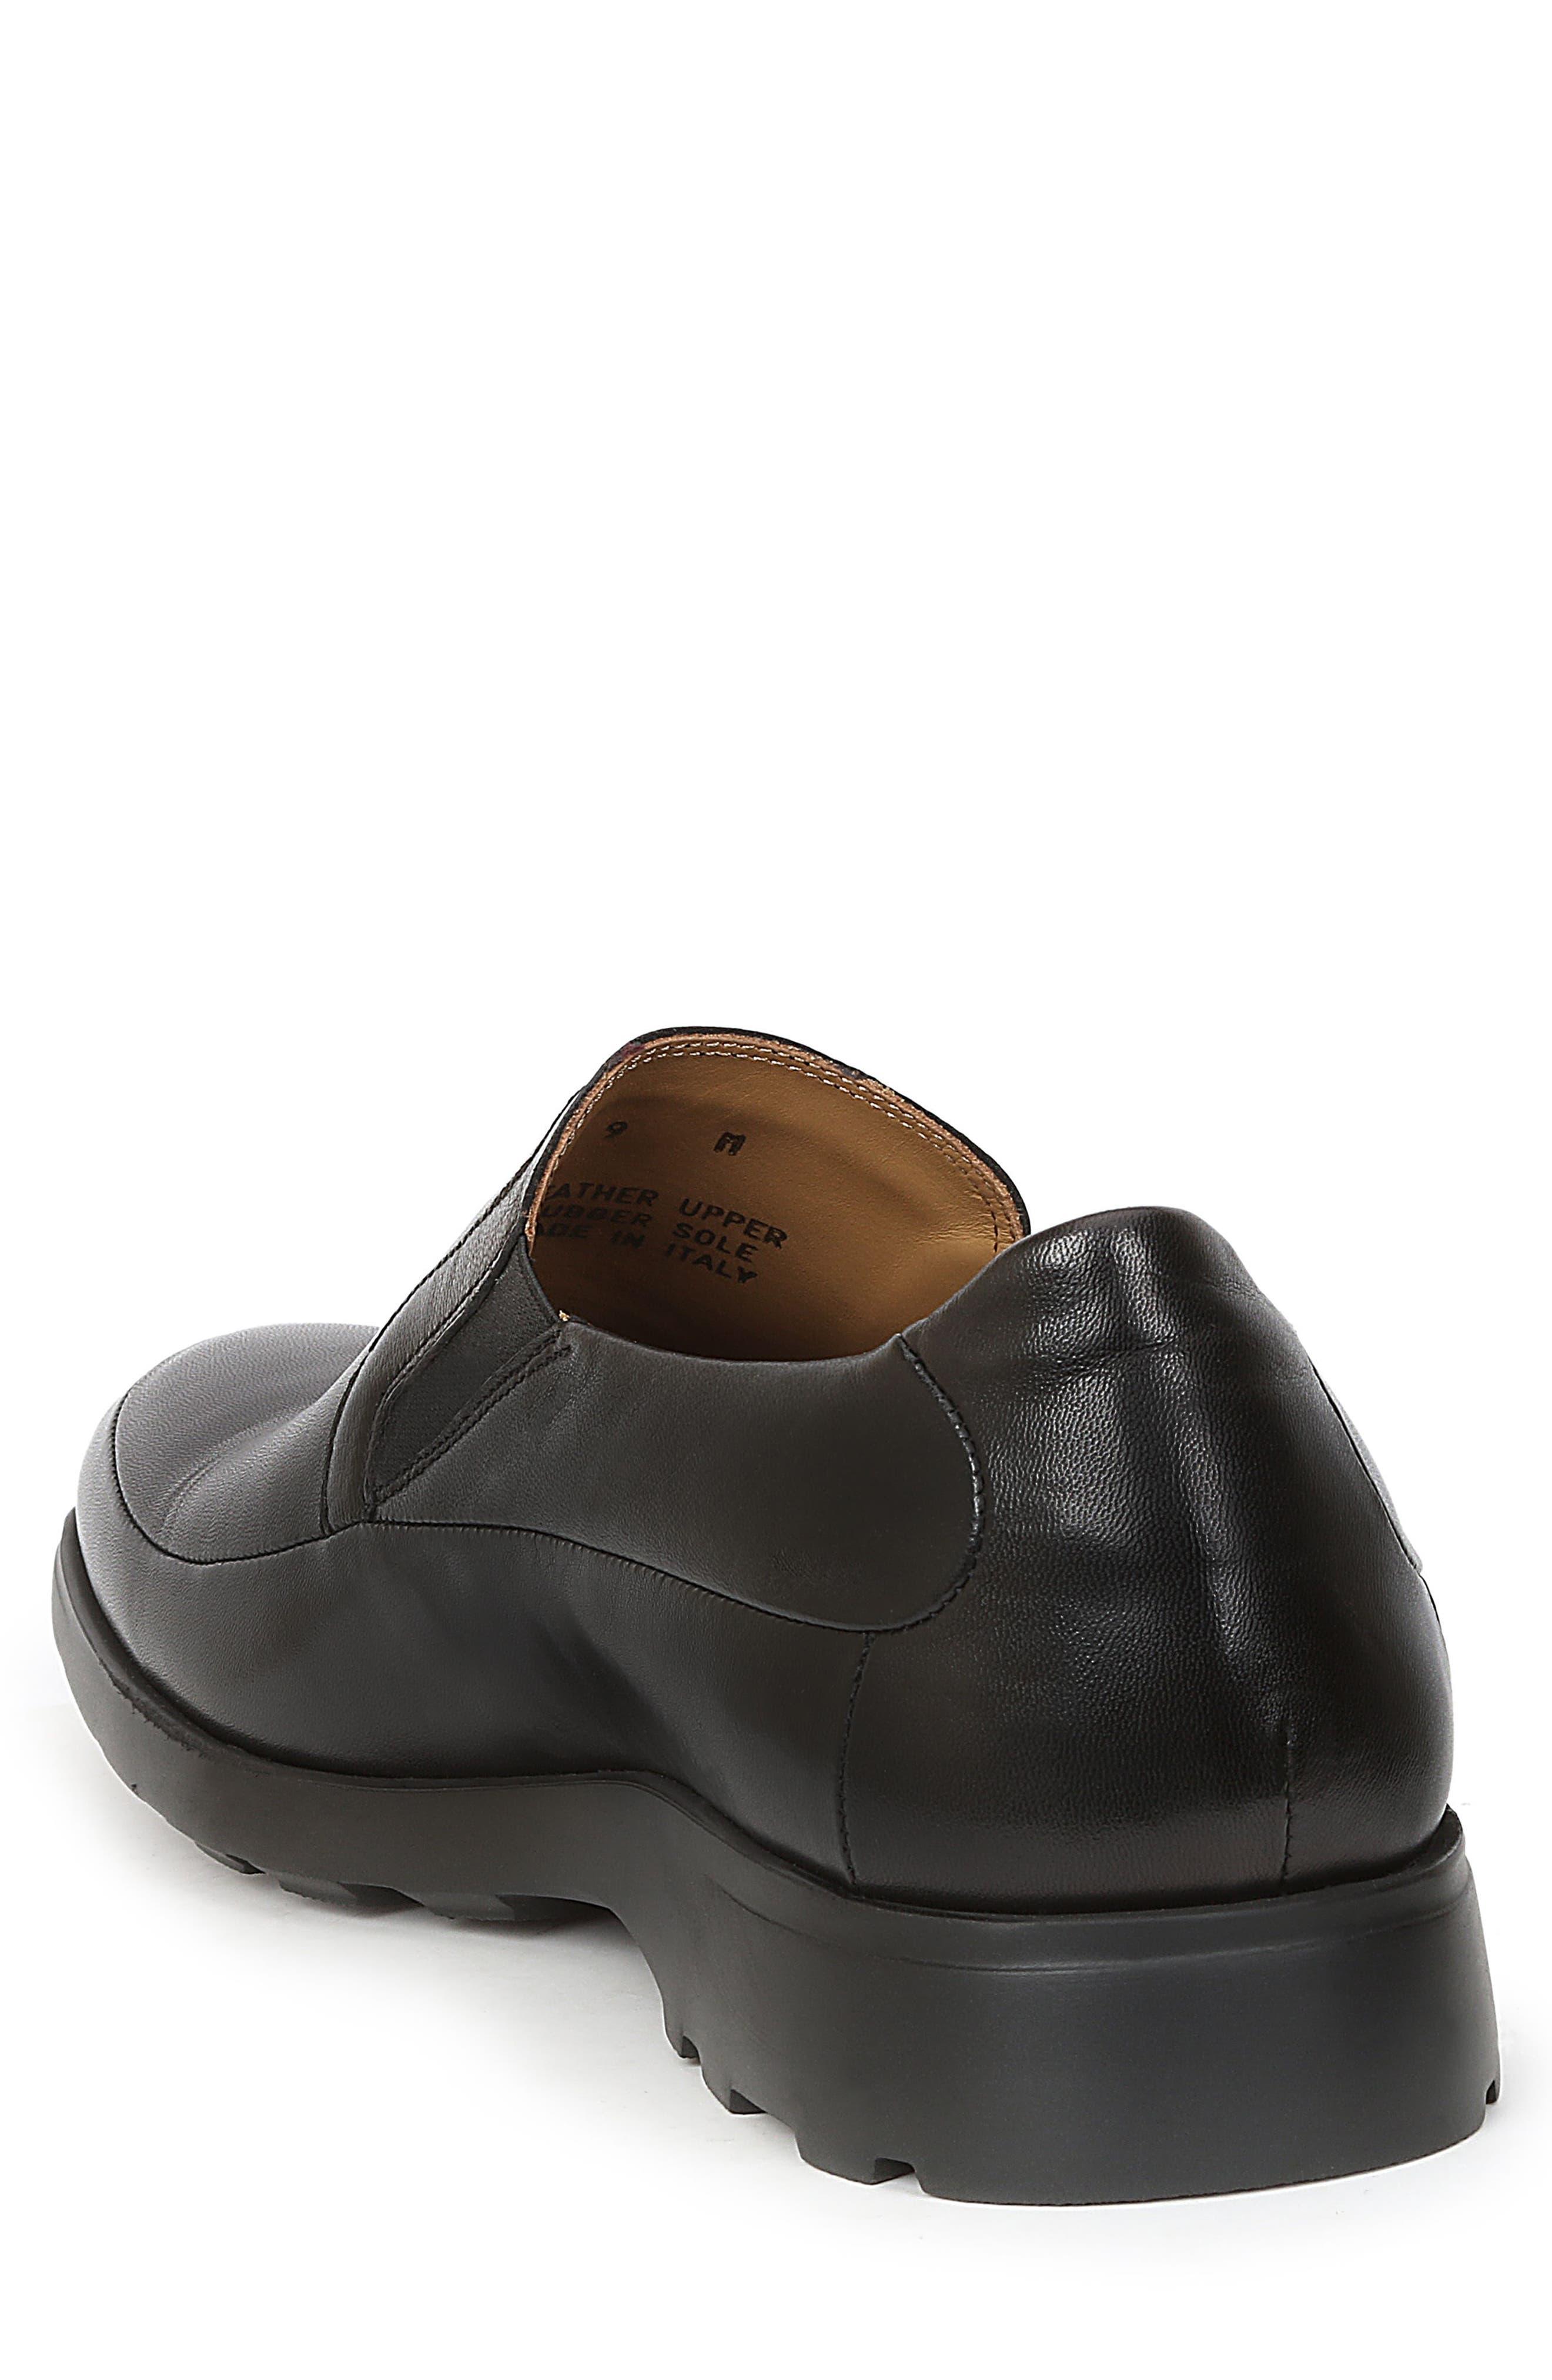 Vegas Apron Toe Loafer,                             Alternate thumbnail 2, color,                             Black Leather